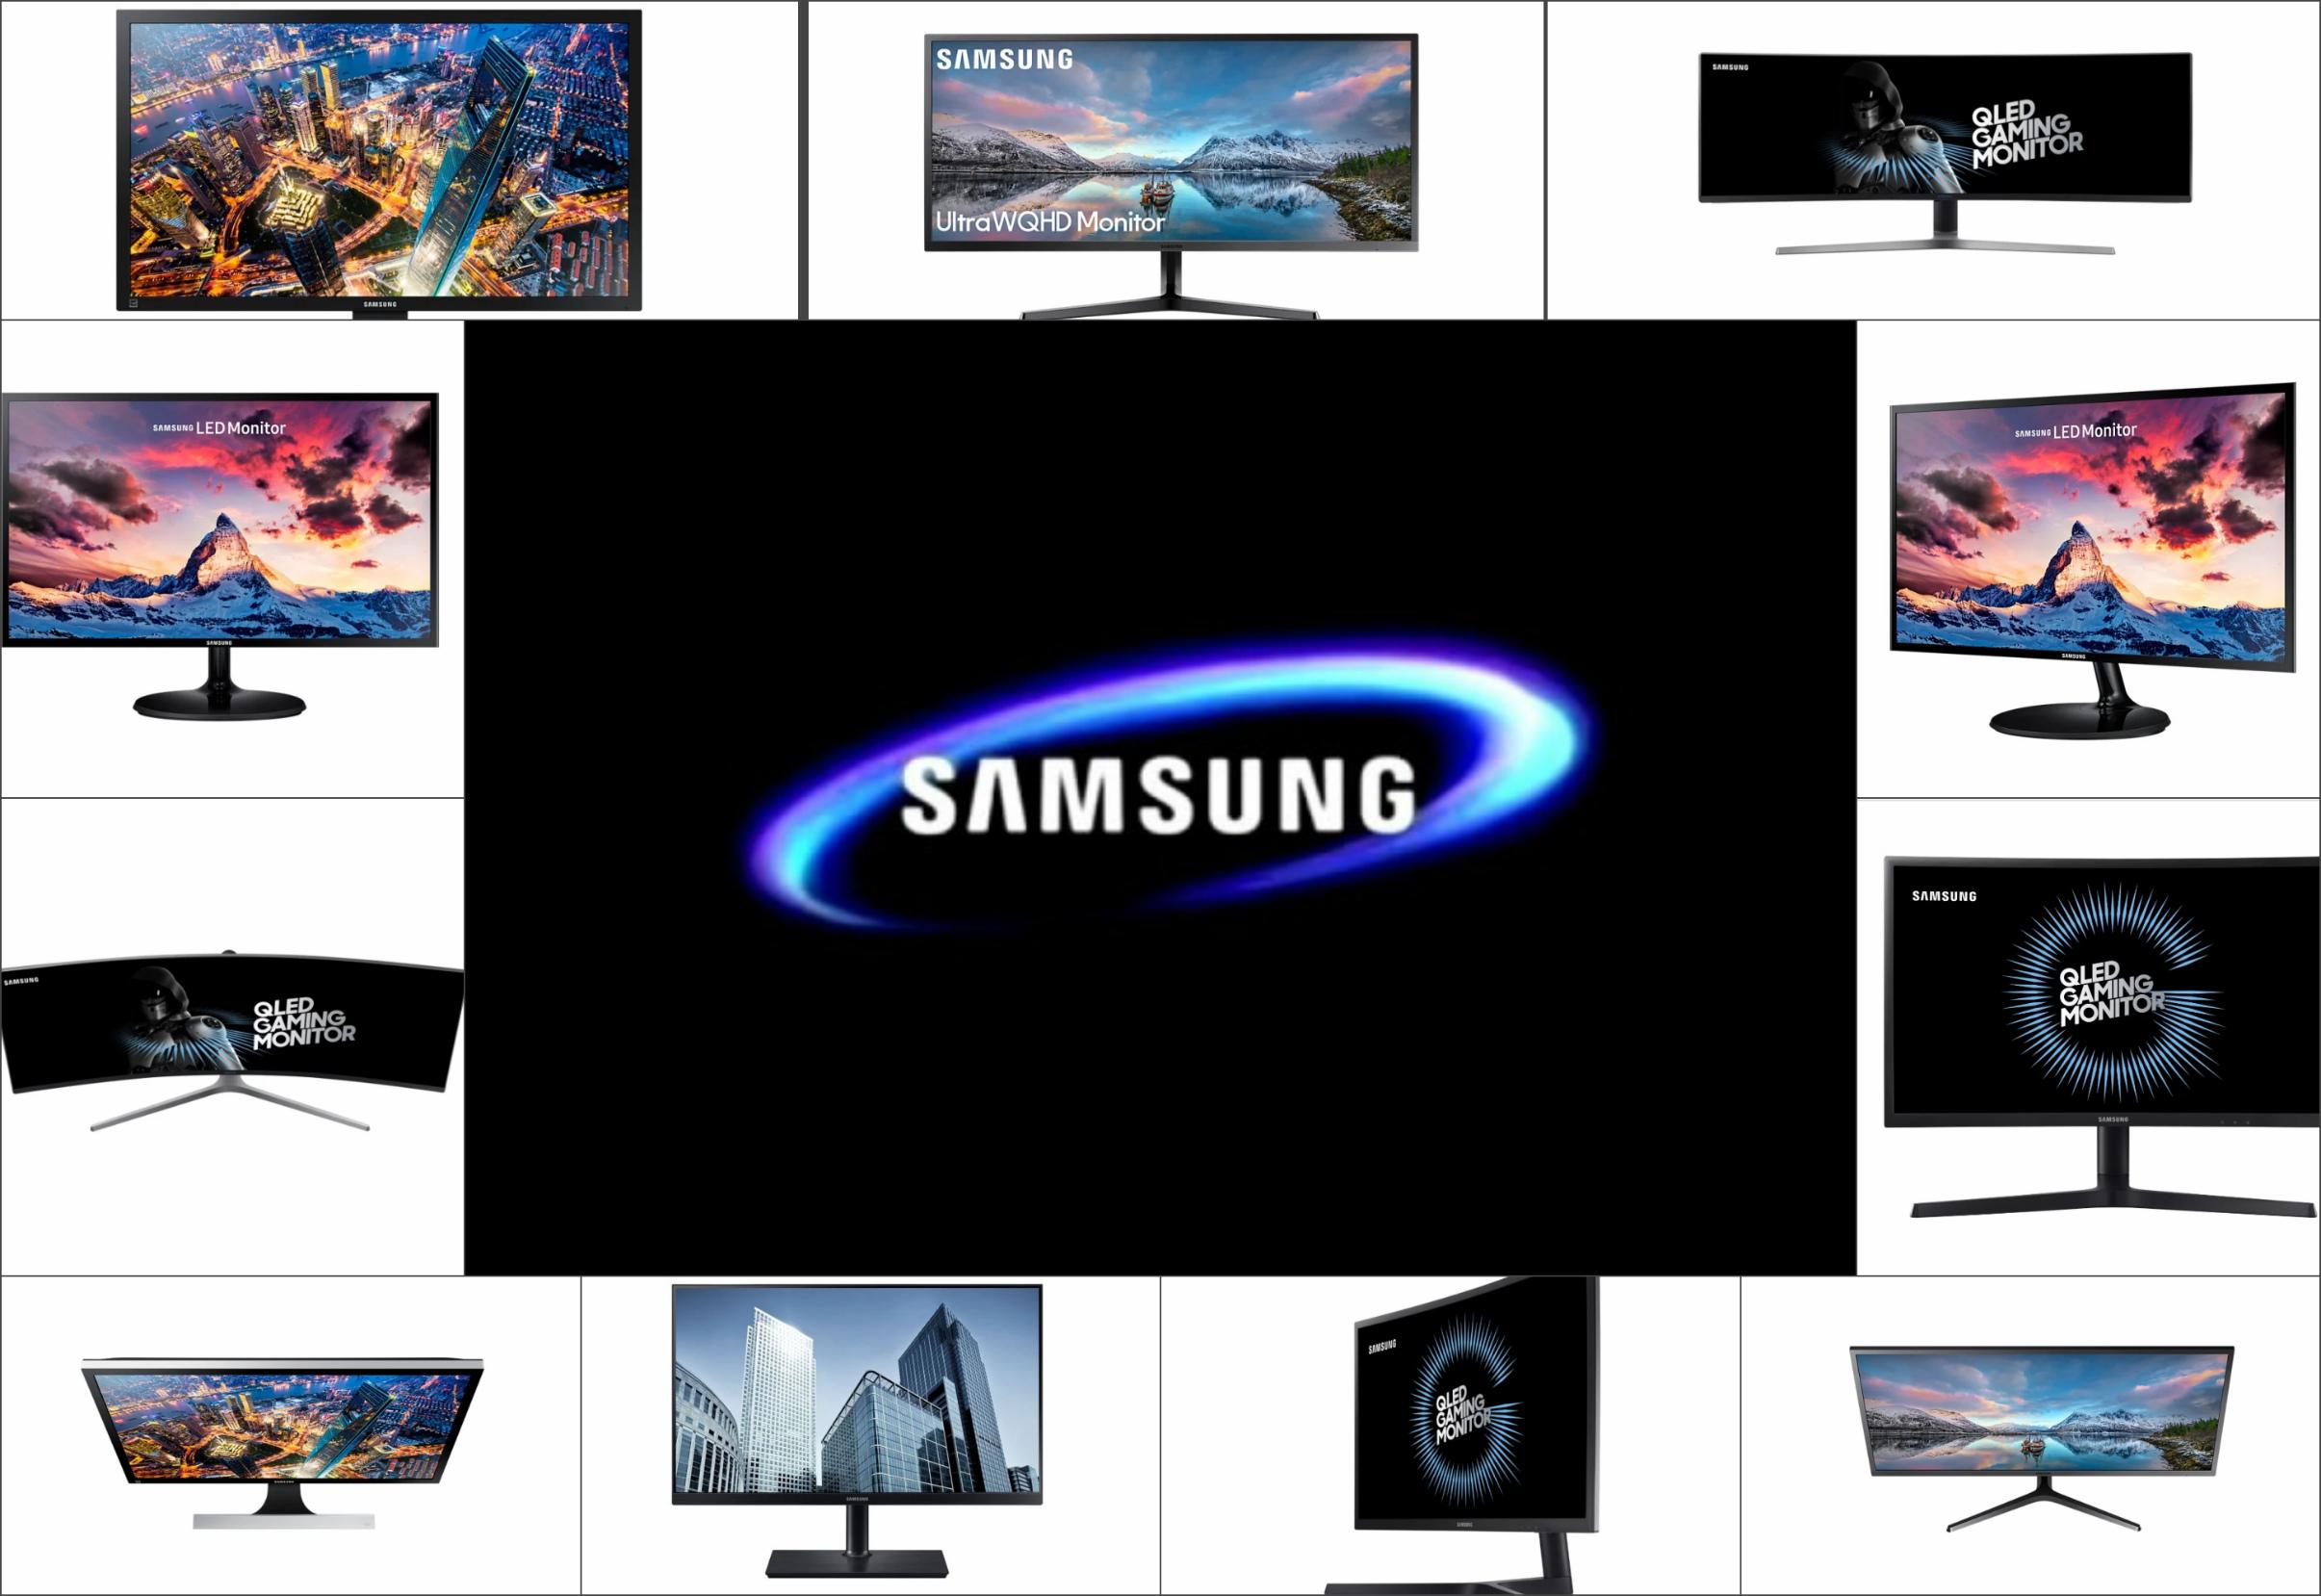 Обзор лучших мониторов Samsung с достоинствами и недостатками